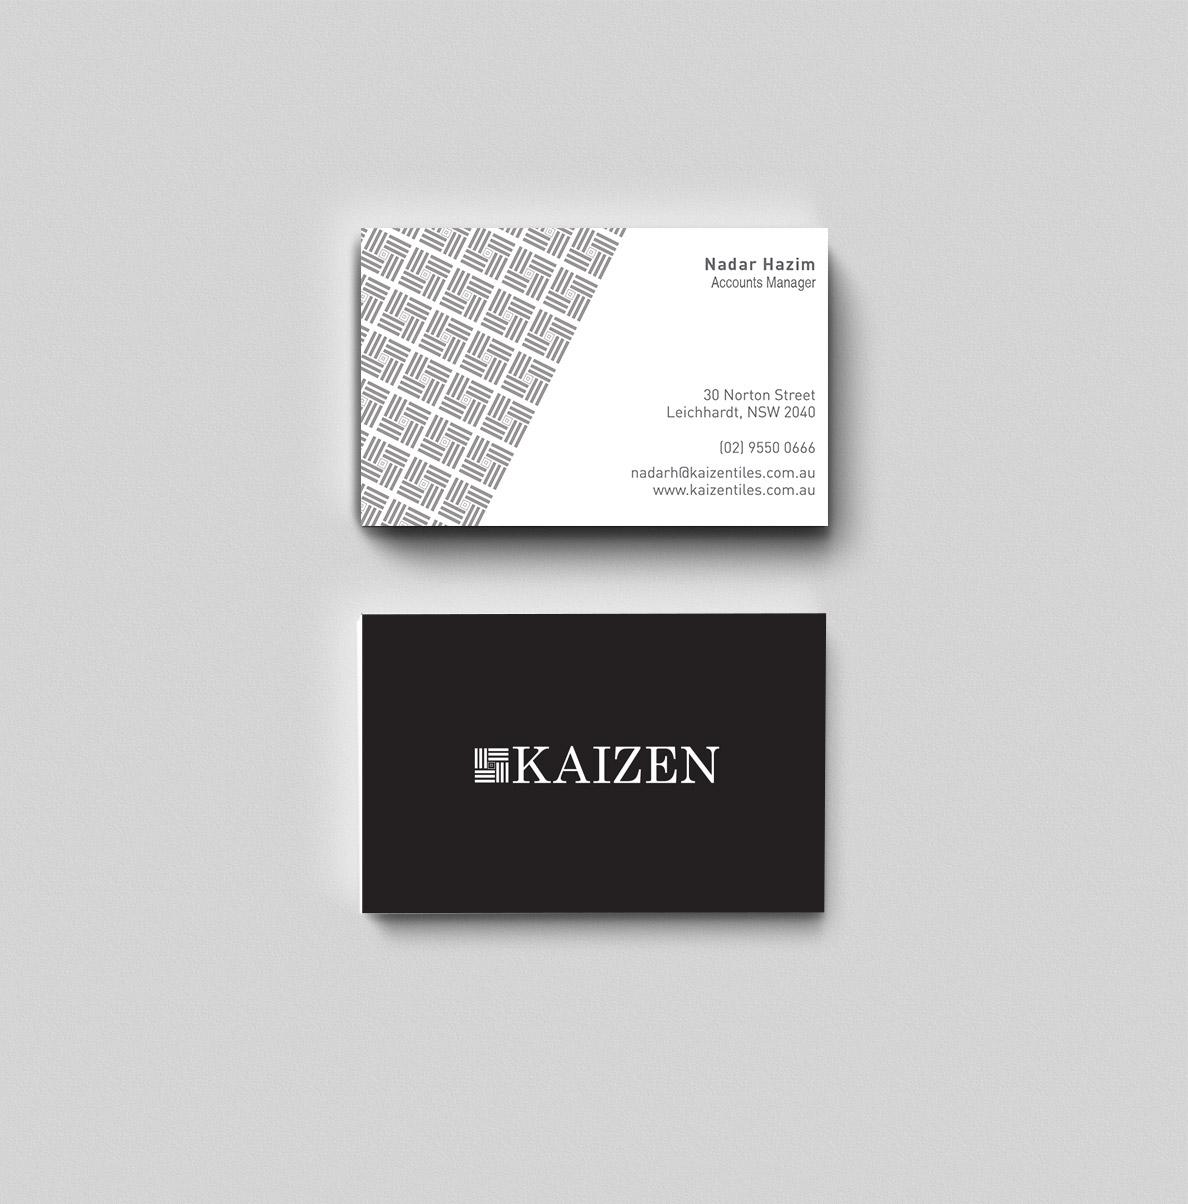 Kaizen Business Cards